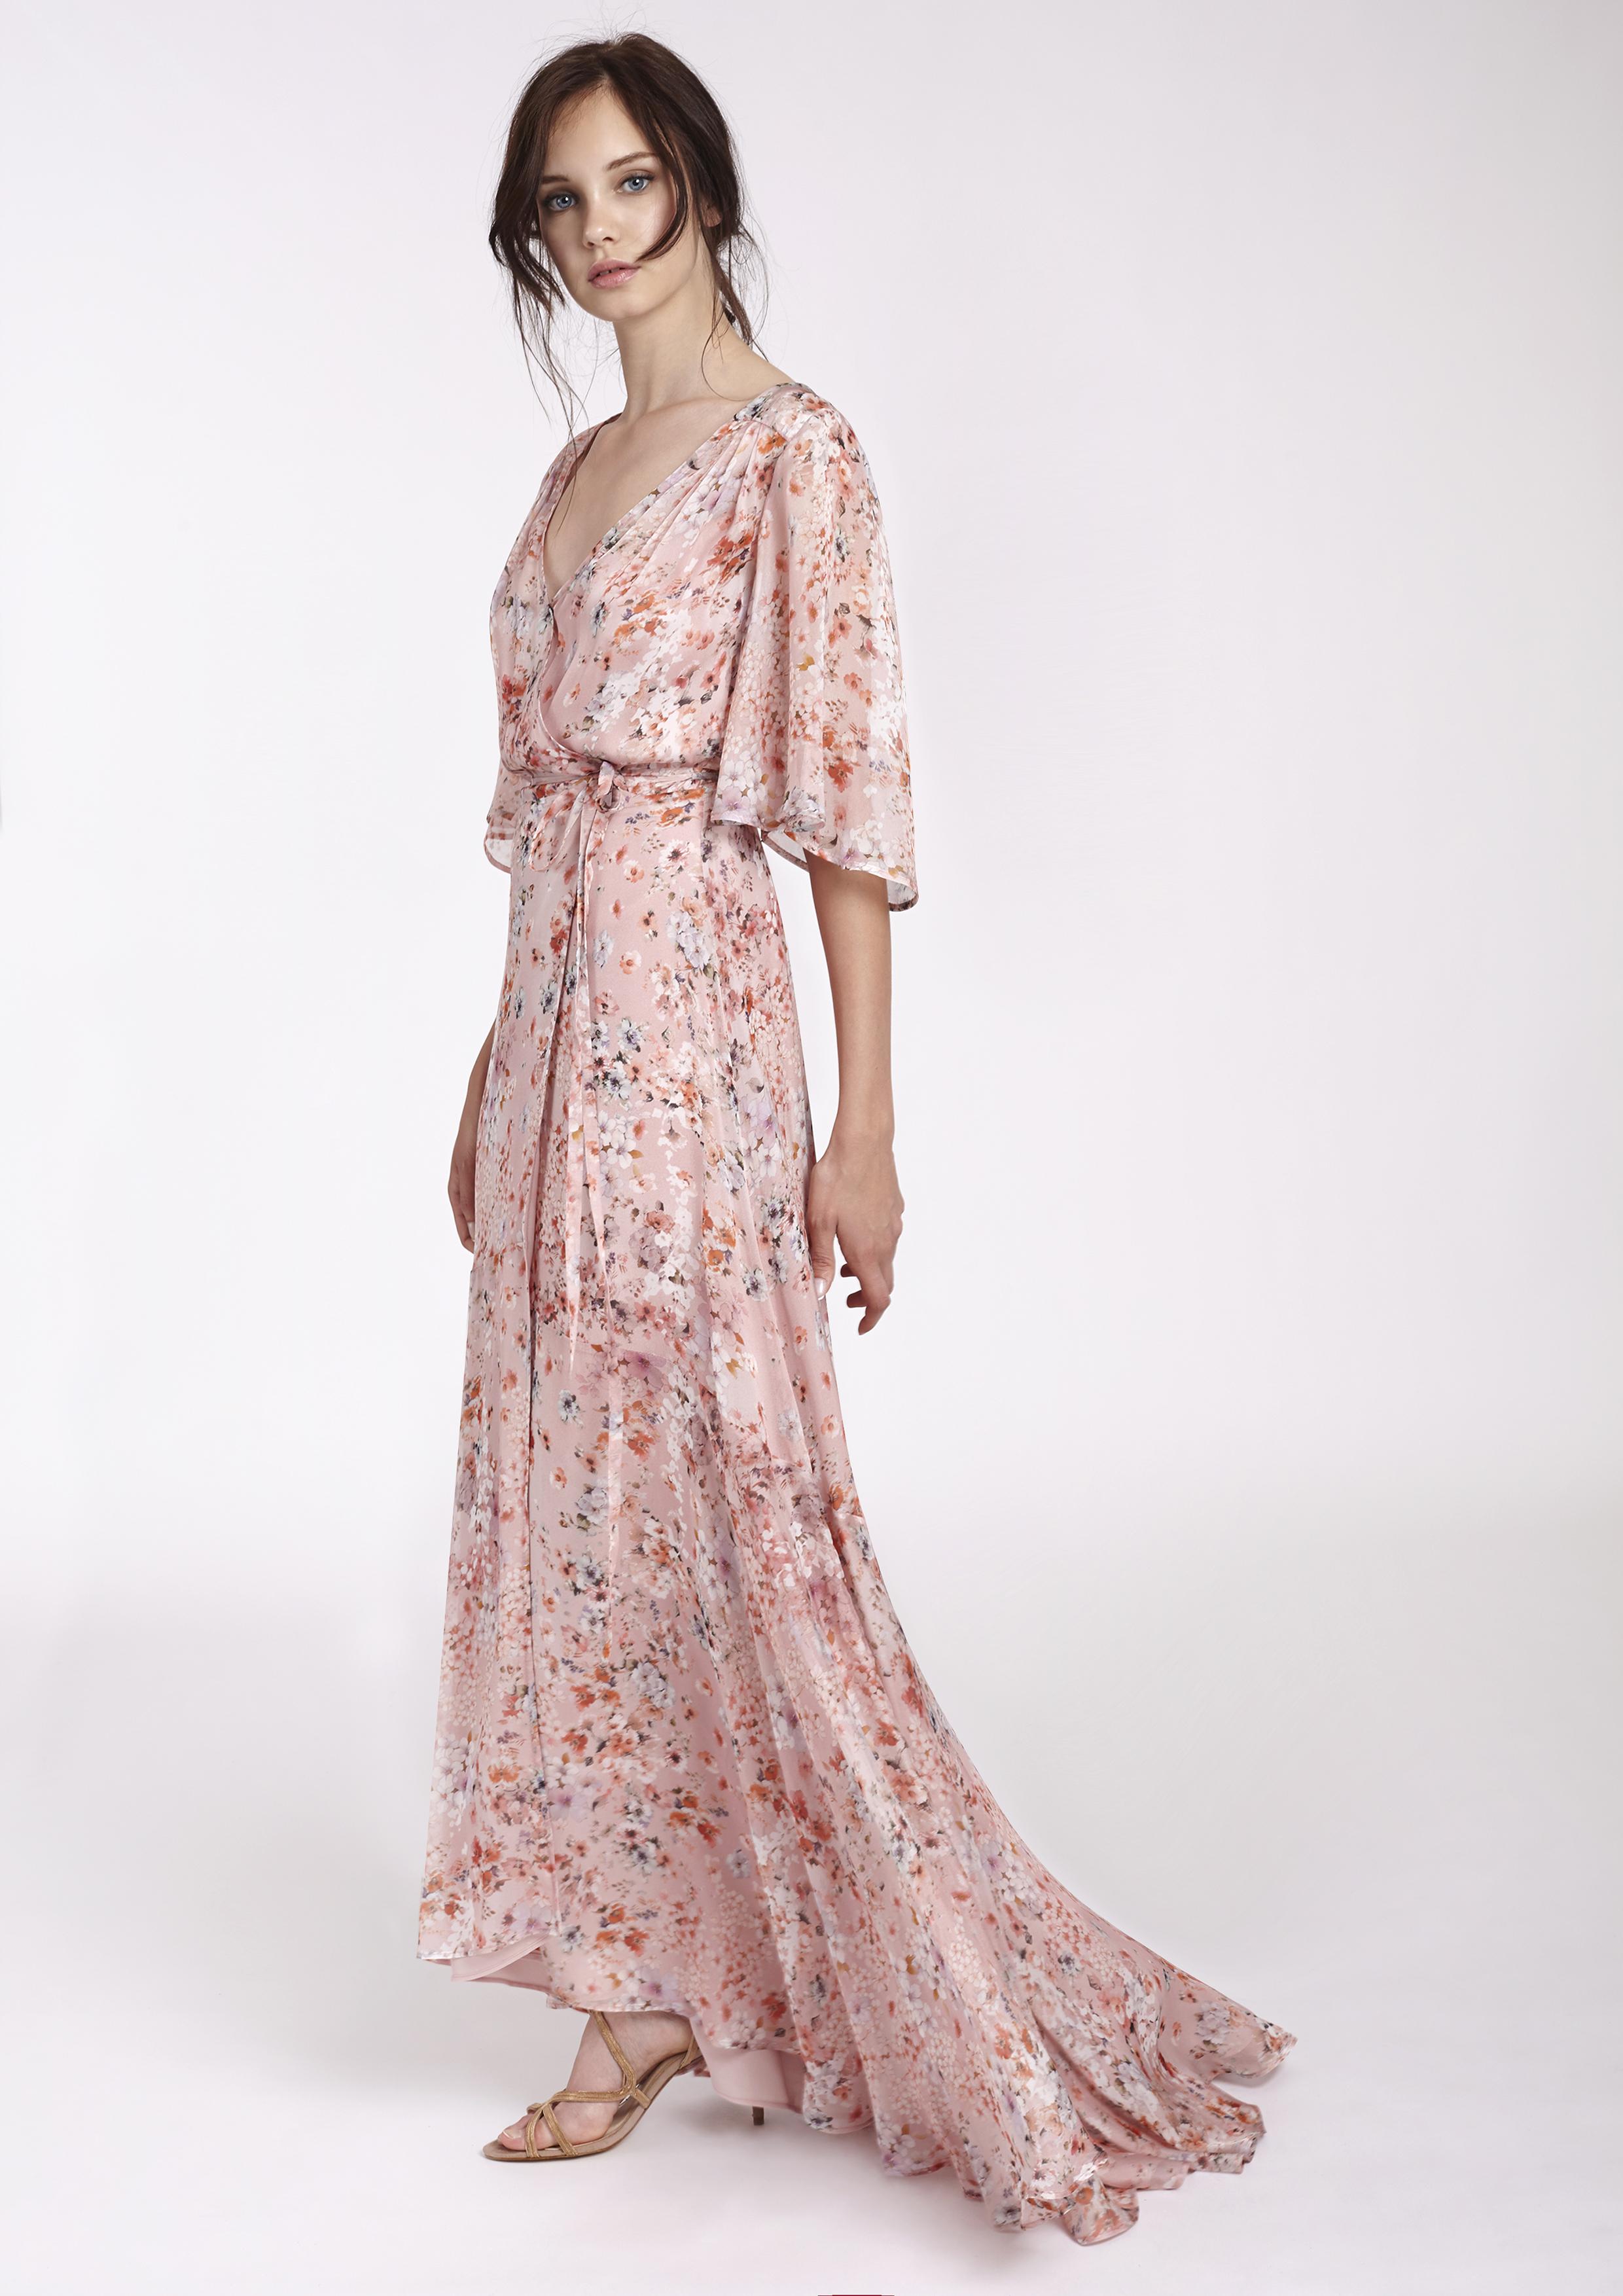 Perfecto Vestidos De Novia Fluidos Fotos - Colección de Vestidos de ...